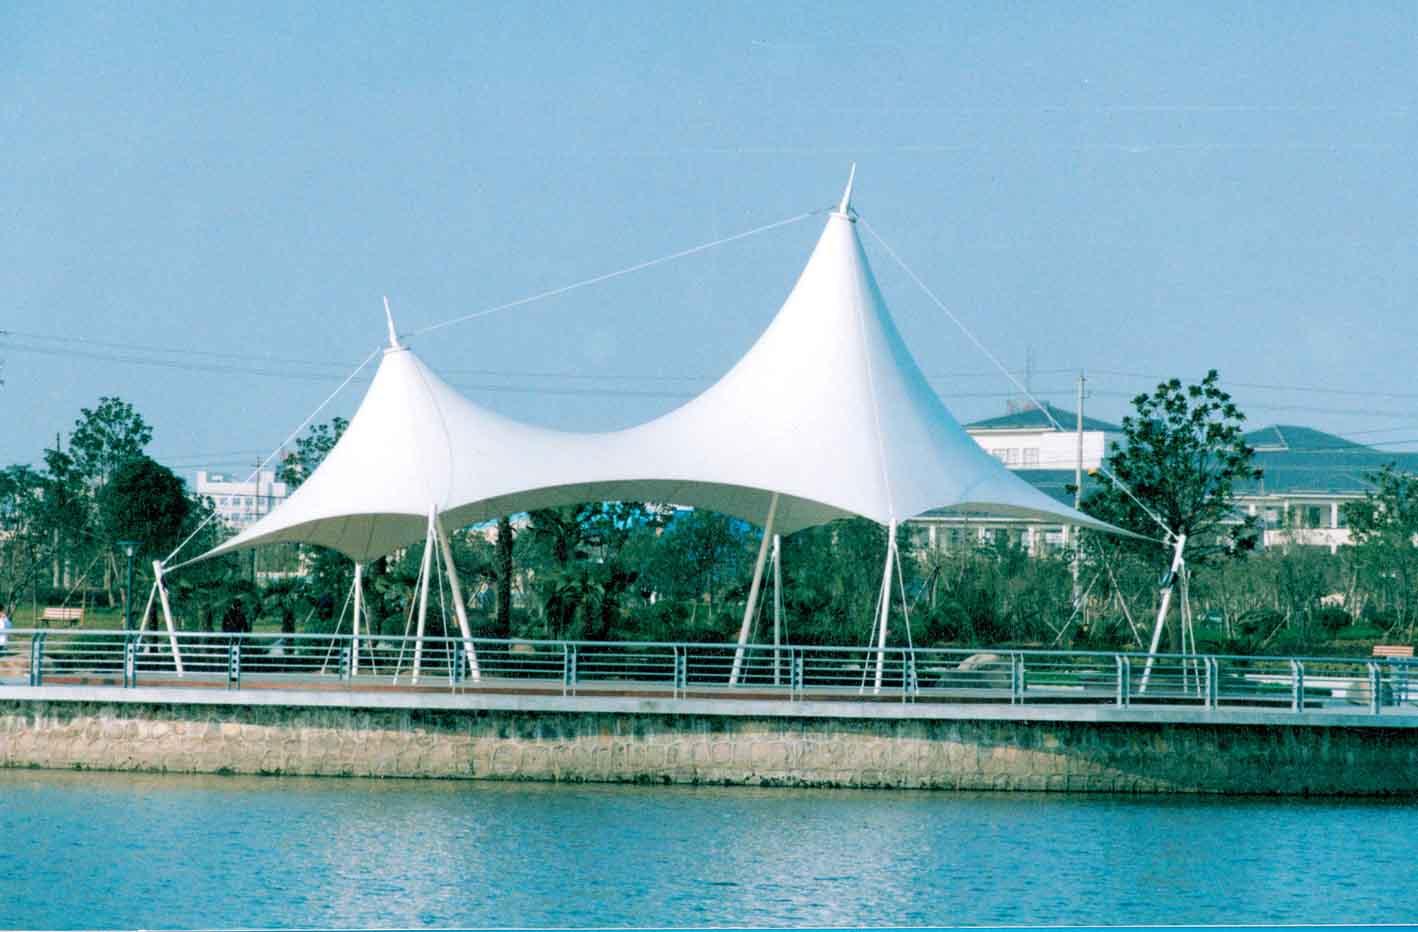 进口膜布加工制作休闲景观棚操场网球场膜结构设计